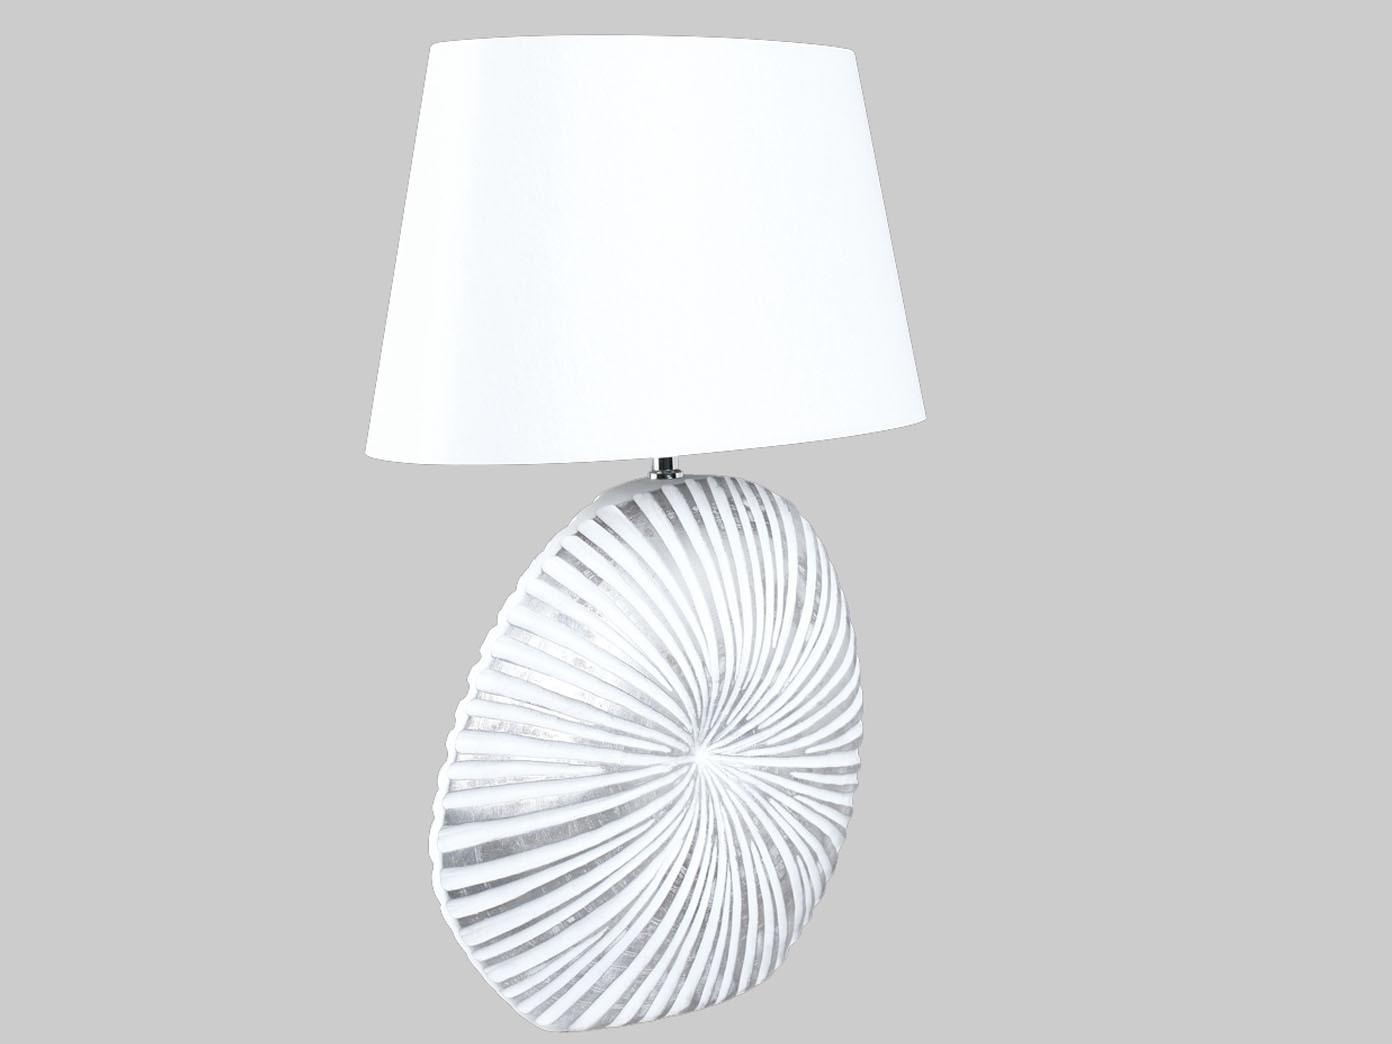 Tischleuchte-SHINE-Holzfuss-Stoffschirm-weiss-60cm-Nachttischlampe-Wohnraum